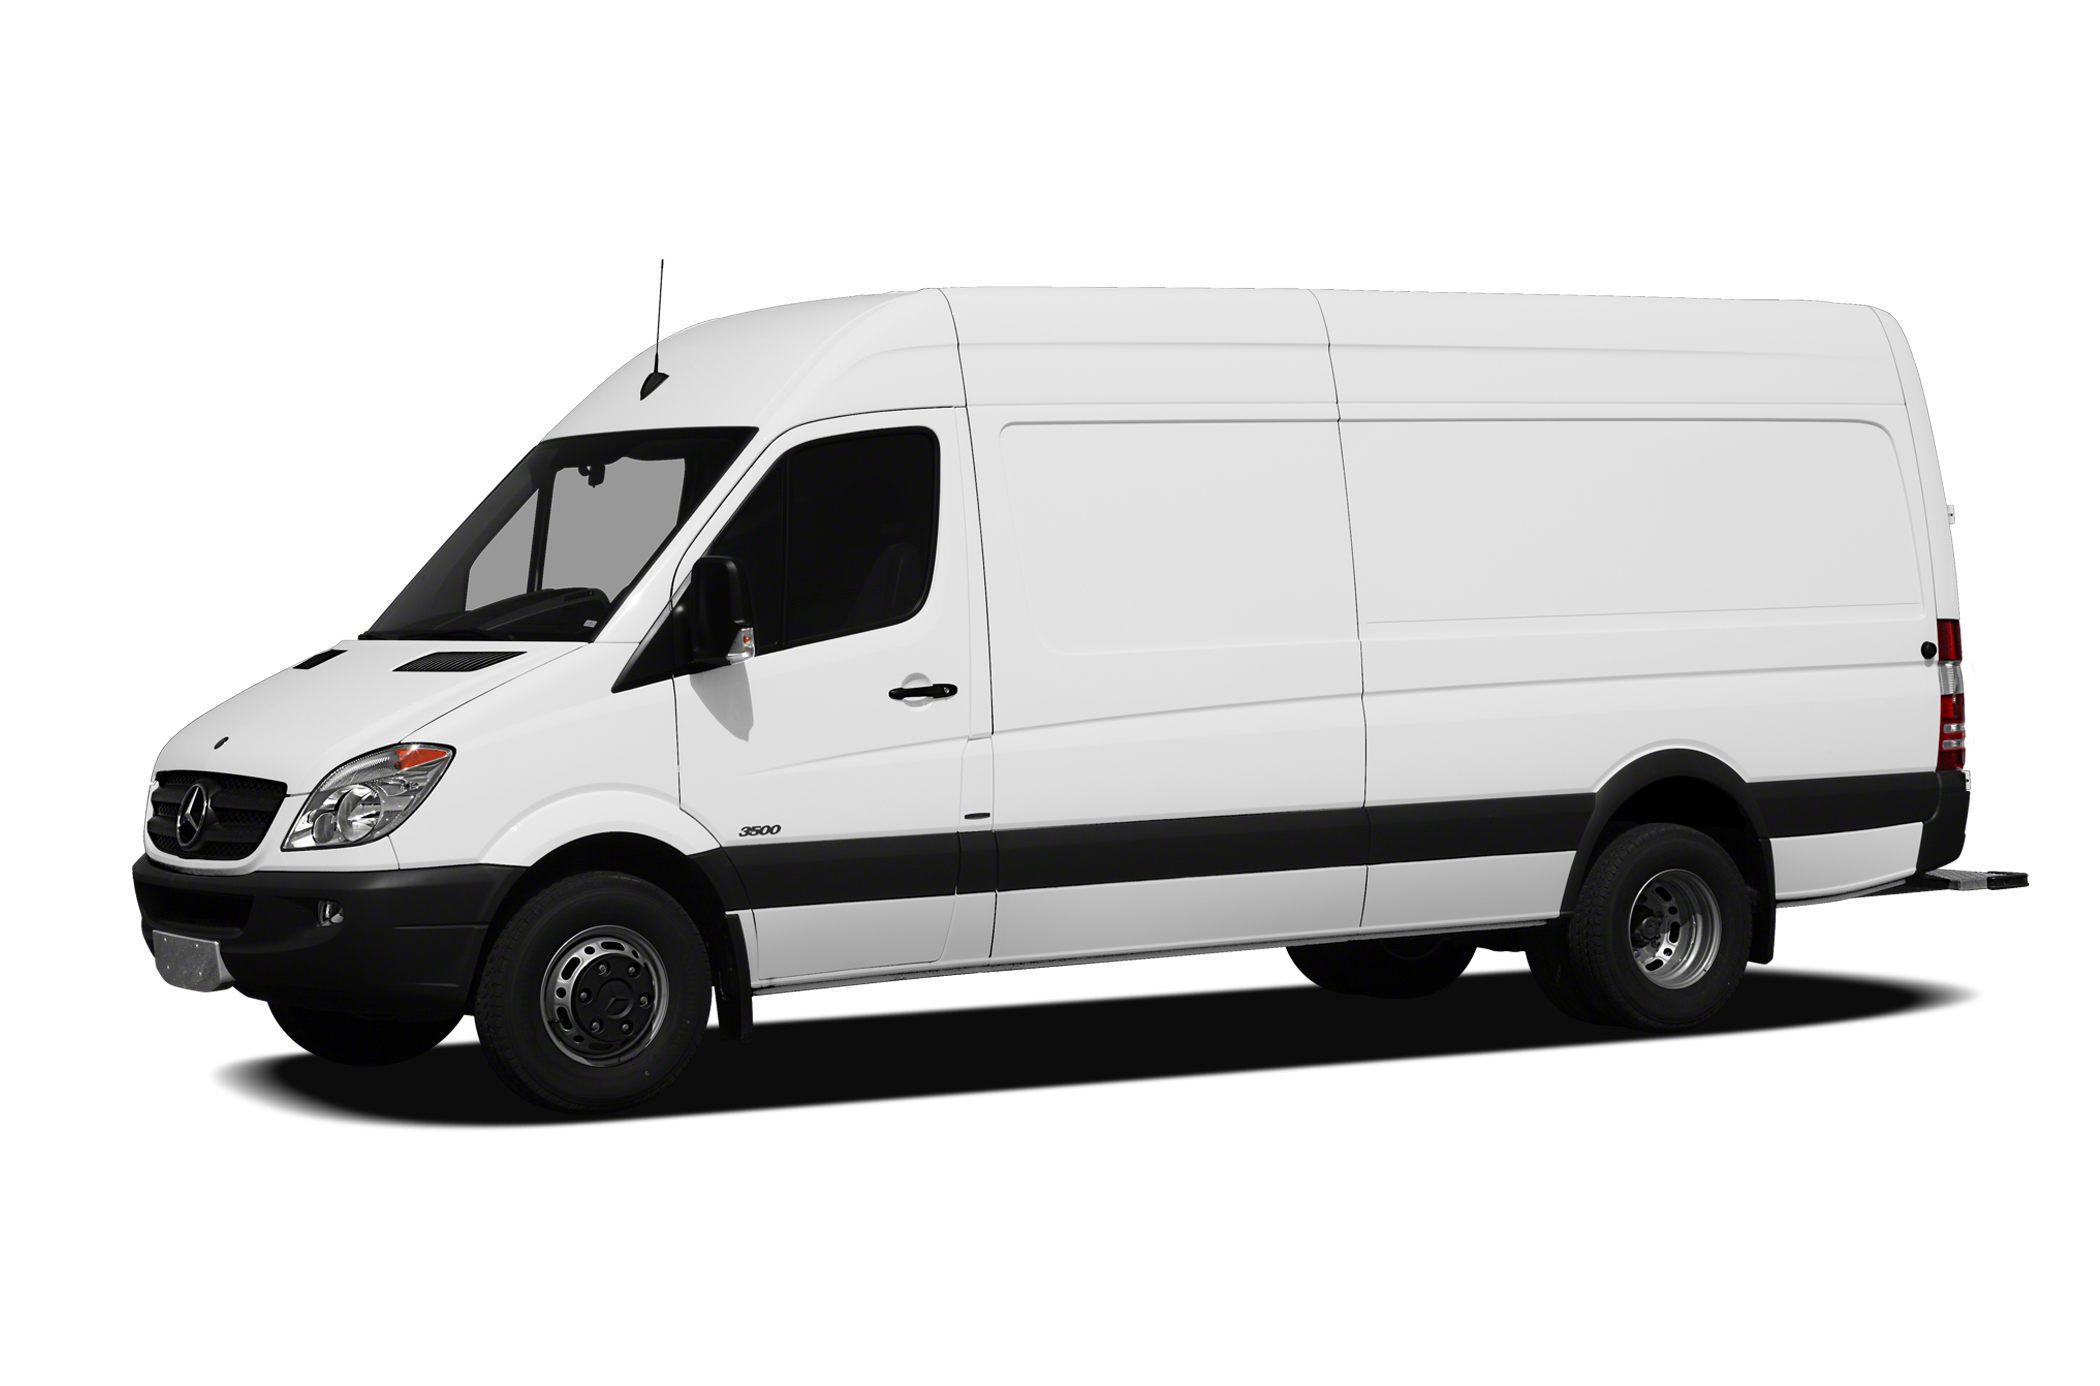 cfa037bcbb High Roof Sprinter Van 3500 Extended Cargo Van 170 in. WB DRW 2010 Mercedes-Benz  Sprinter Van Specs